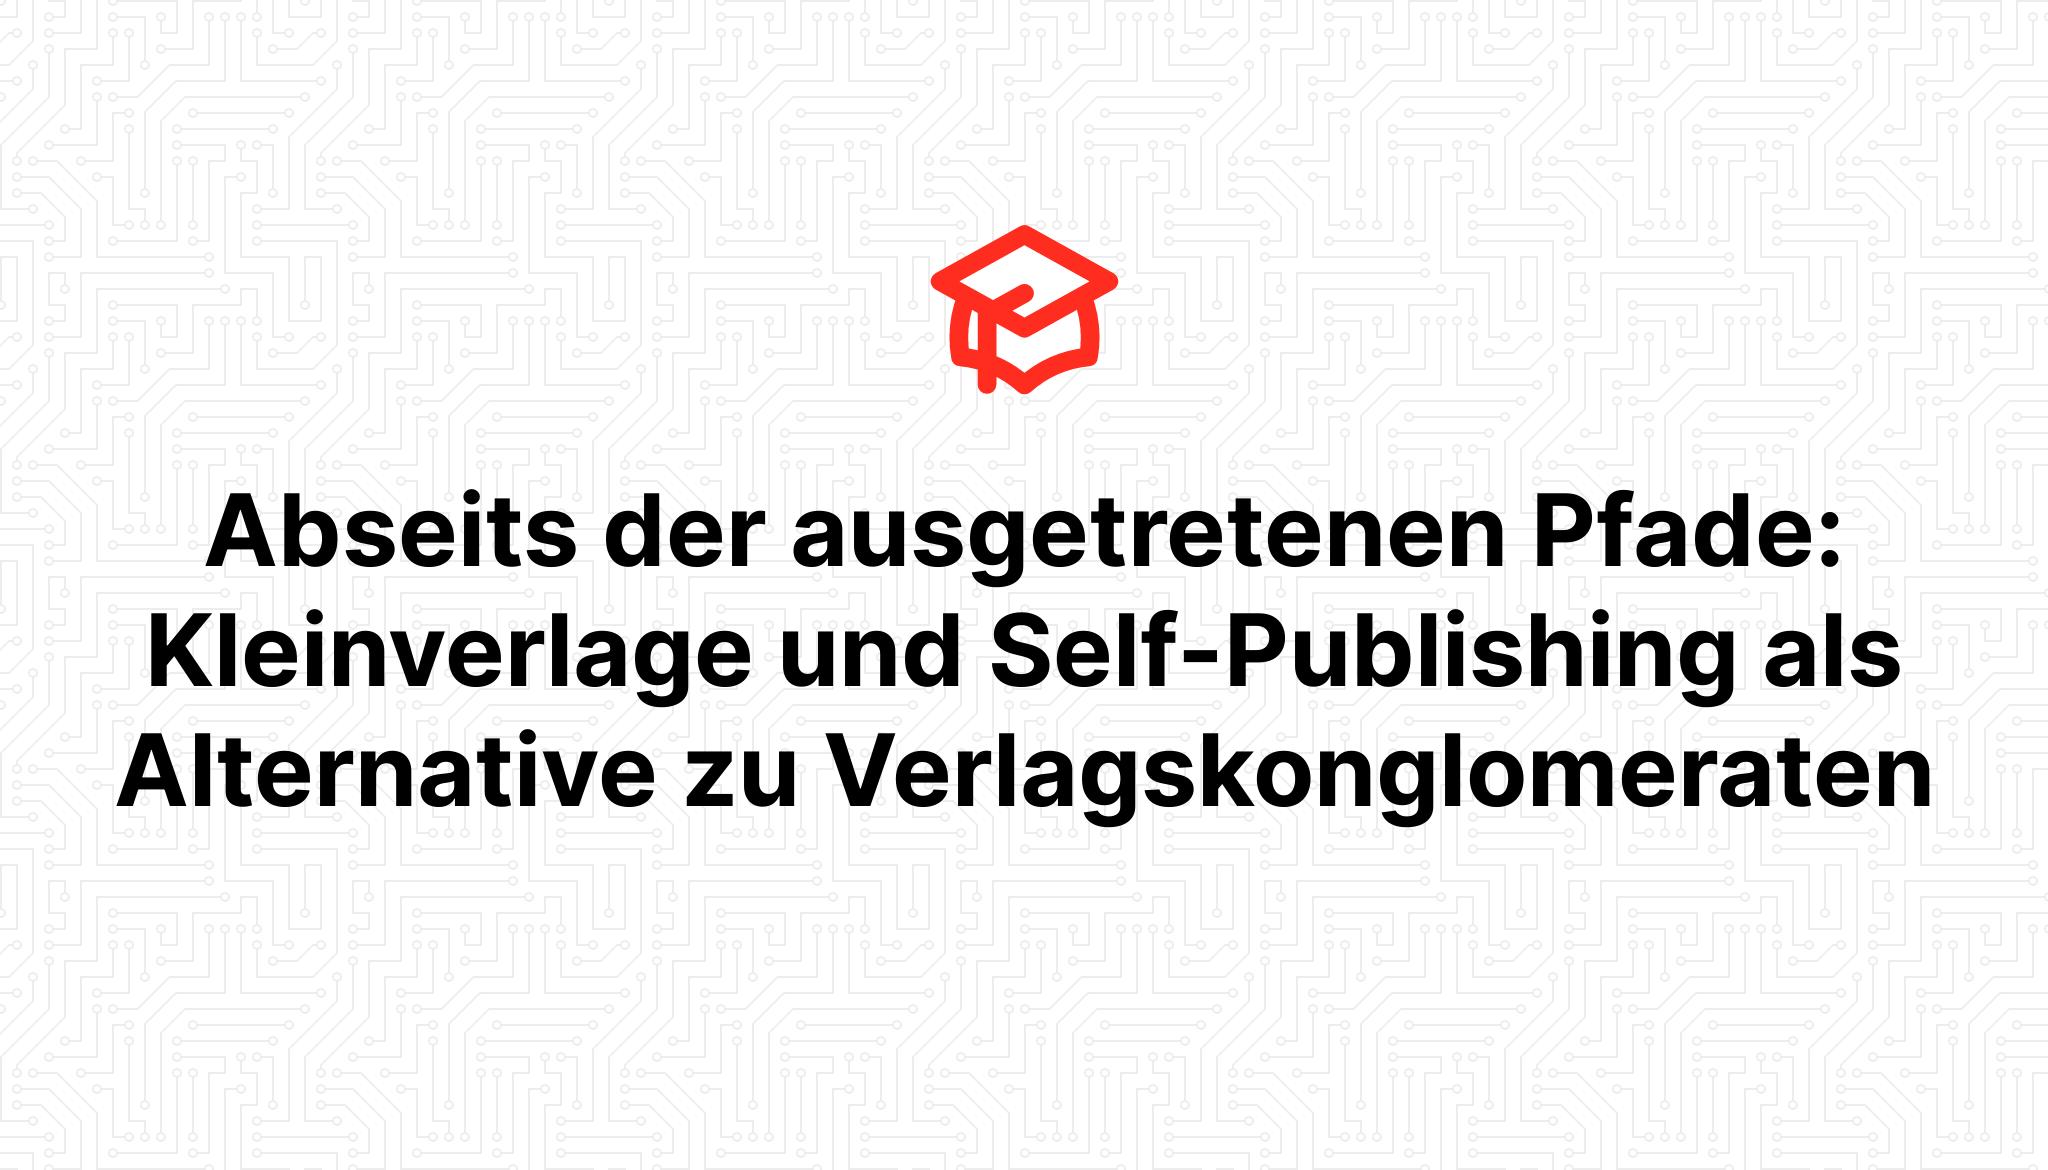 Abseits der ausgetretenen Pfade: Kleinverlage und Self-Publishing als Alternative zu Verlagskonglomeraten